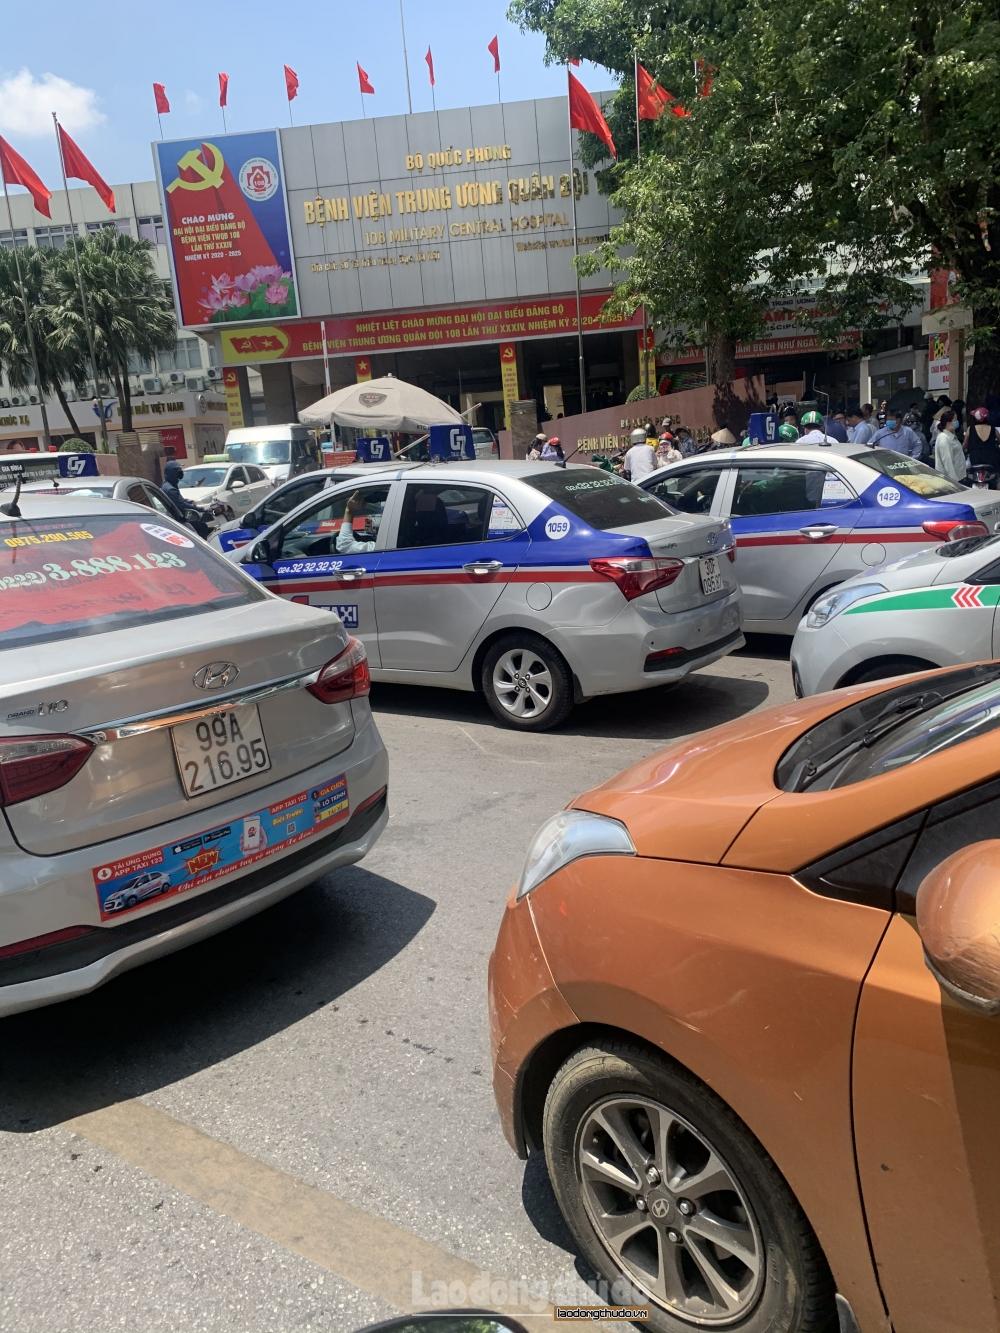 Cần xử lý nghiêm tình trạng taxi quây kín cổng Bệnh viện 108